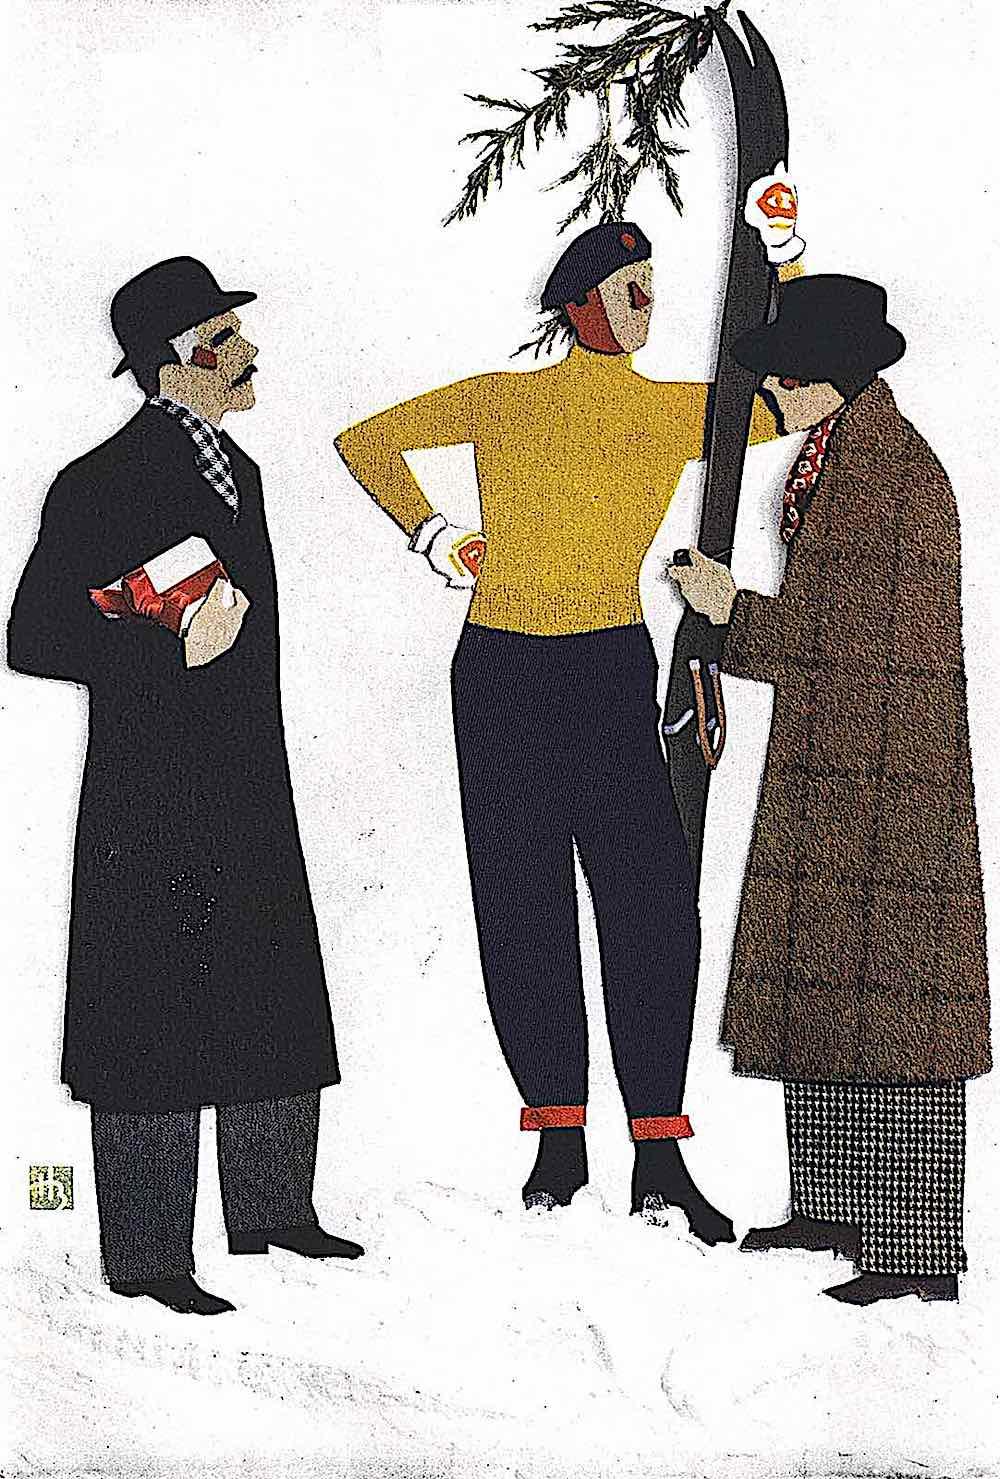 a 1934 papercut illustration of skiiers talking